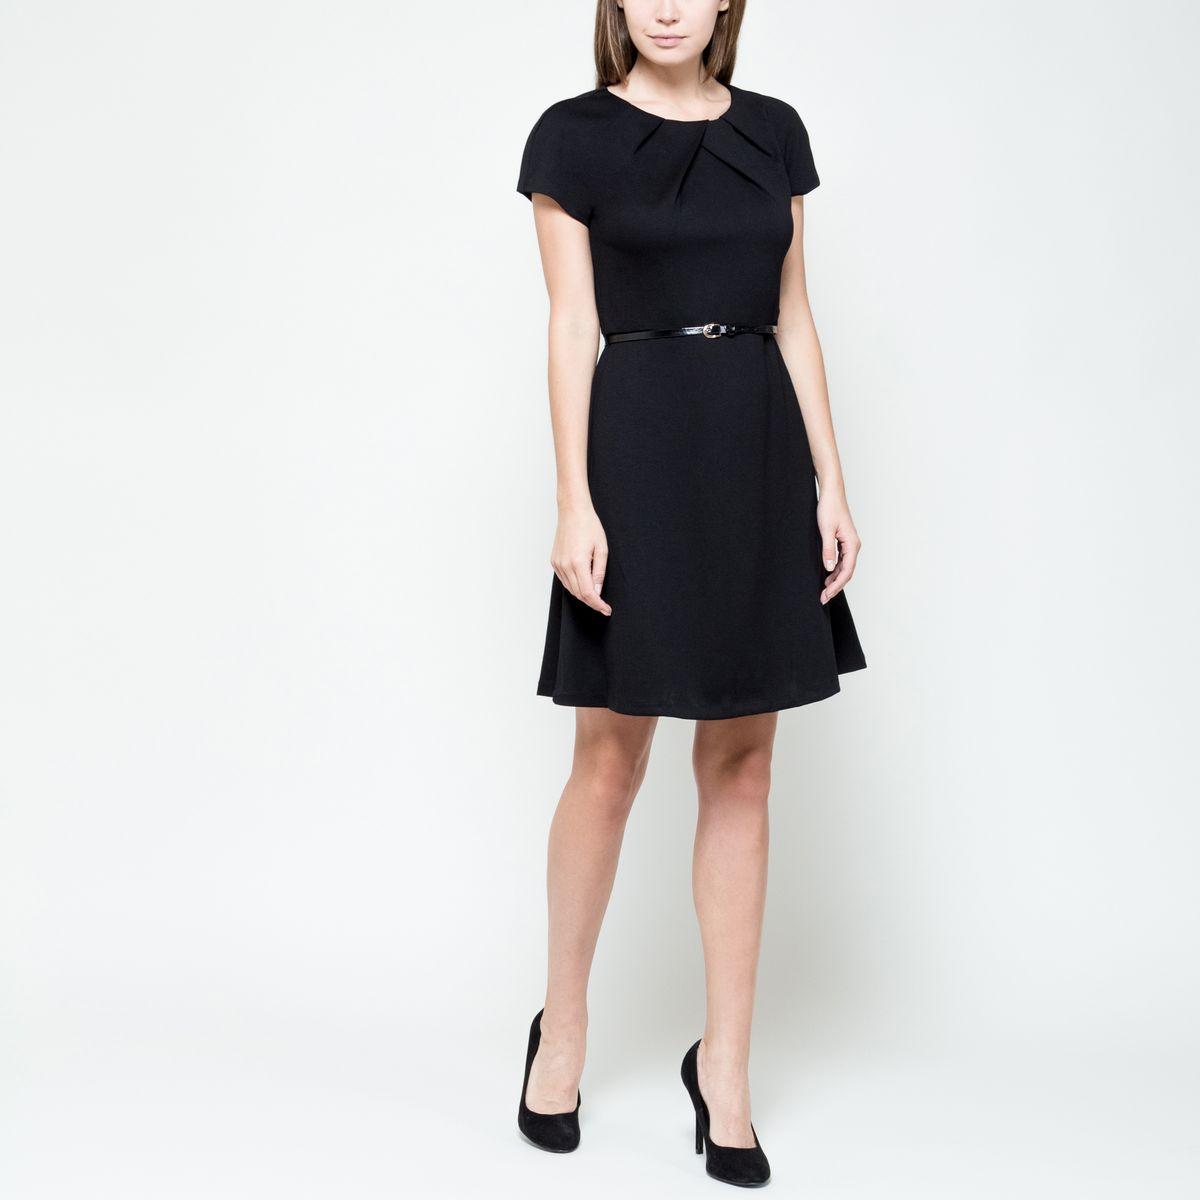 Платье Sela Collection, цвет: черный. Dks-117/1015-6391. Размер L (48)Dks-117/1015-6391Платье Sela Collection выполнено из полиэстера с добавлением вискозы и эластана. Модель с круглым вырезом горловины и короткими рукавами-реглан застёгивается на потайную застежку-молнию расположенную в среднем шве спинки. Платье-мили спереди оформлено мягкими складками и дополнен узким пояском.